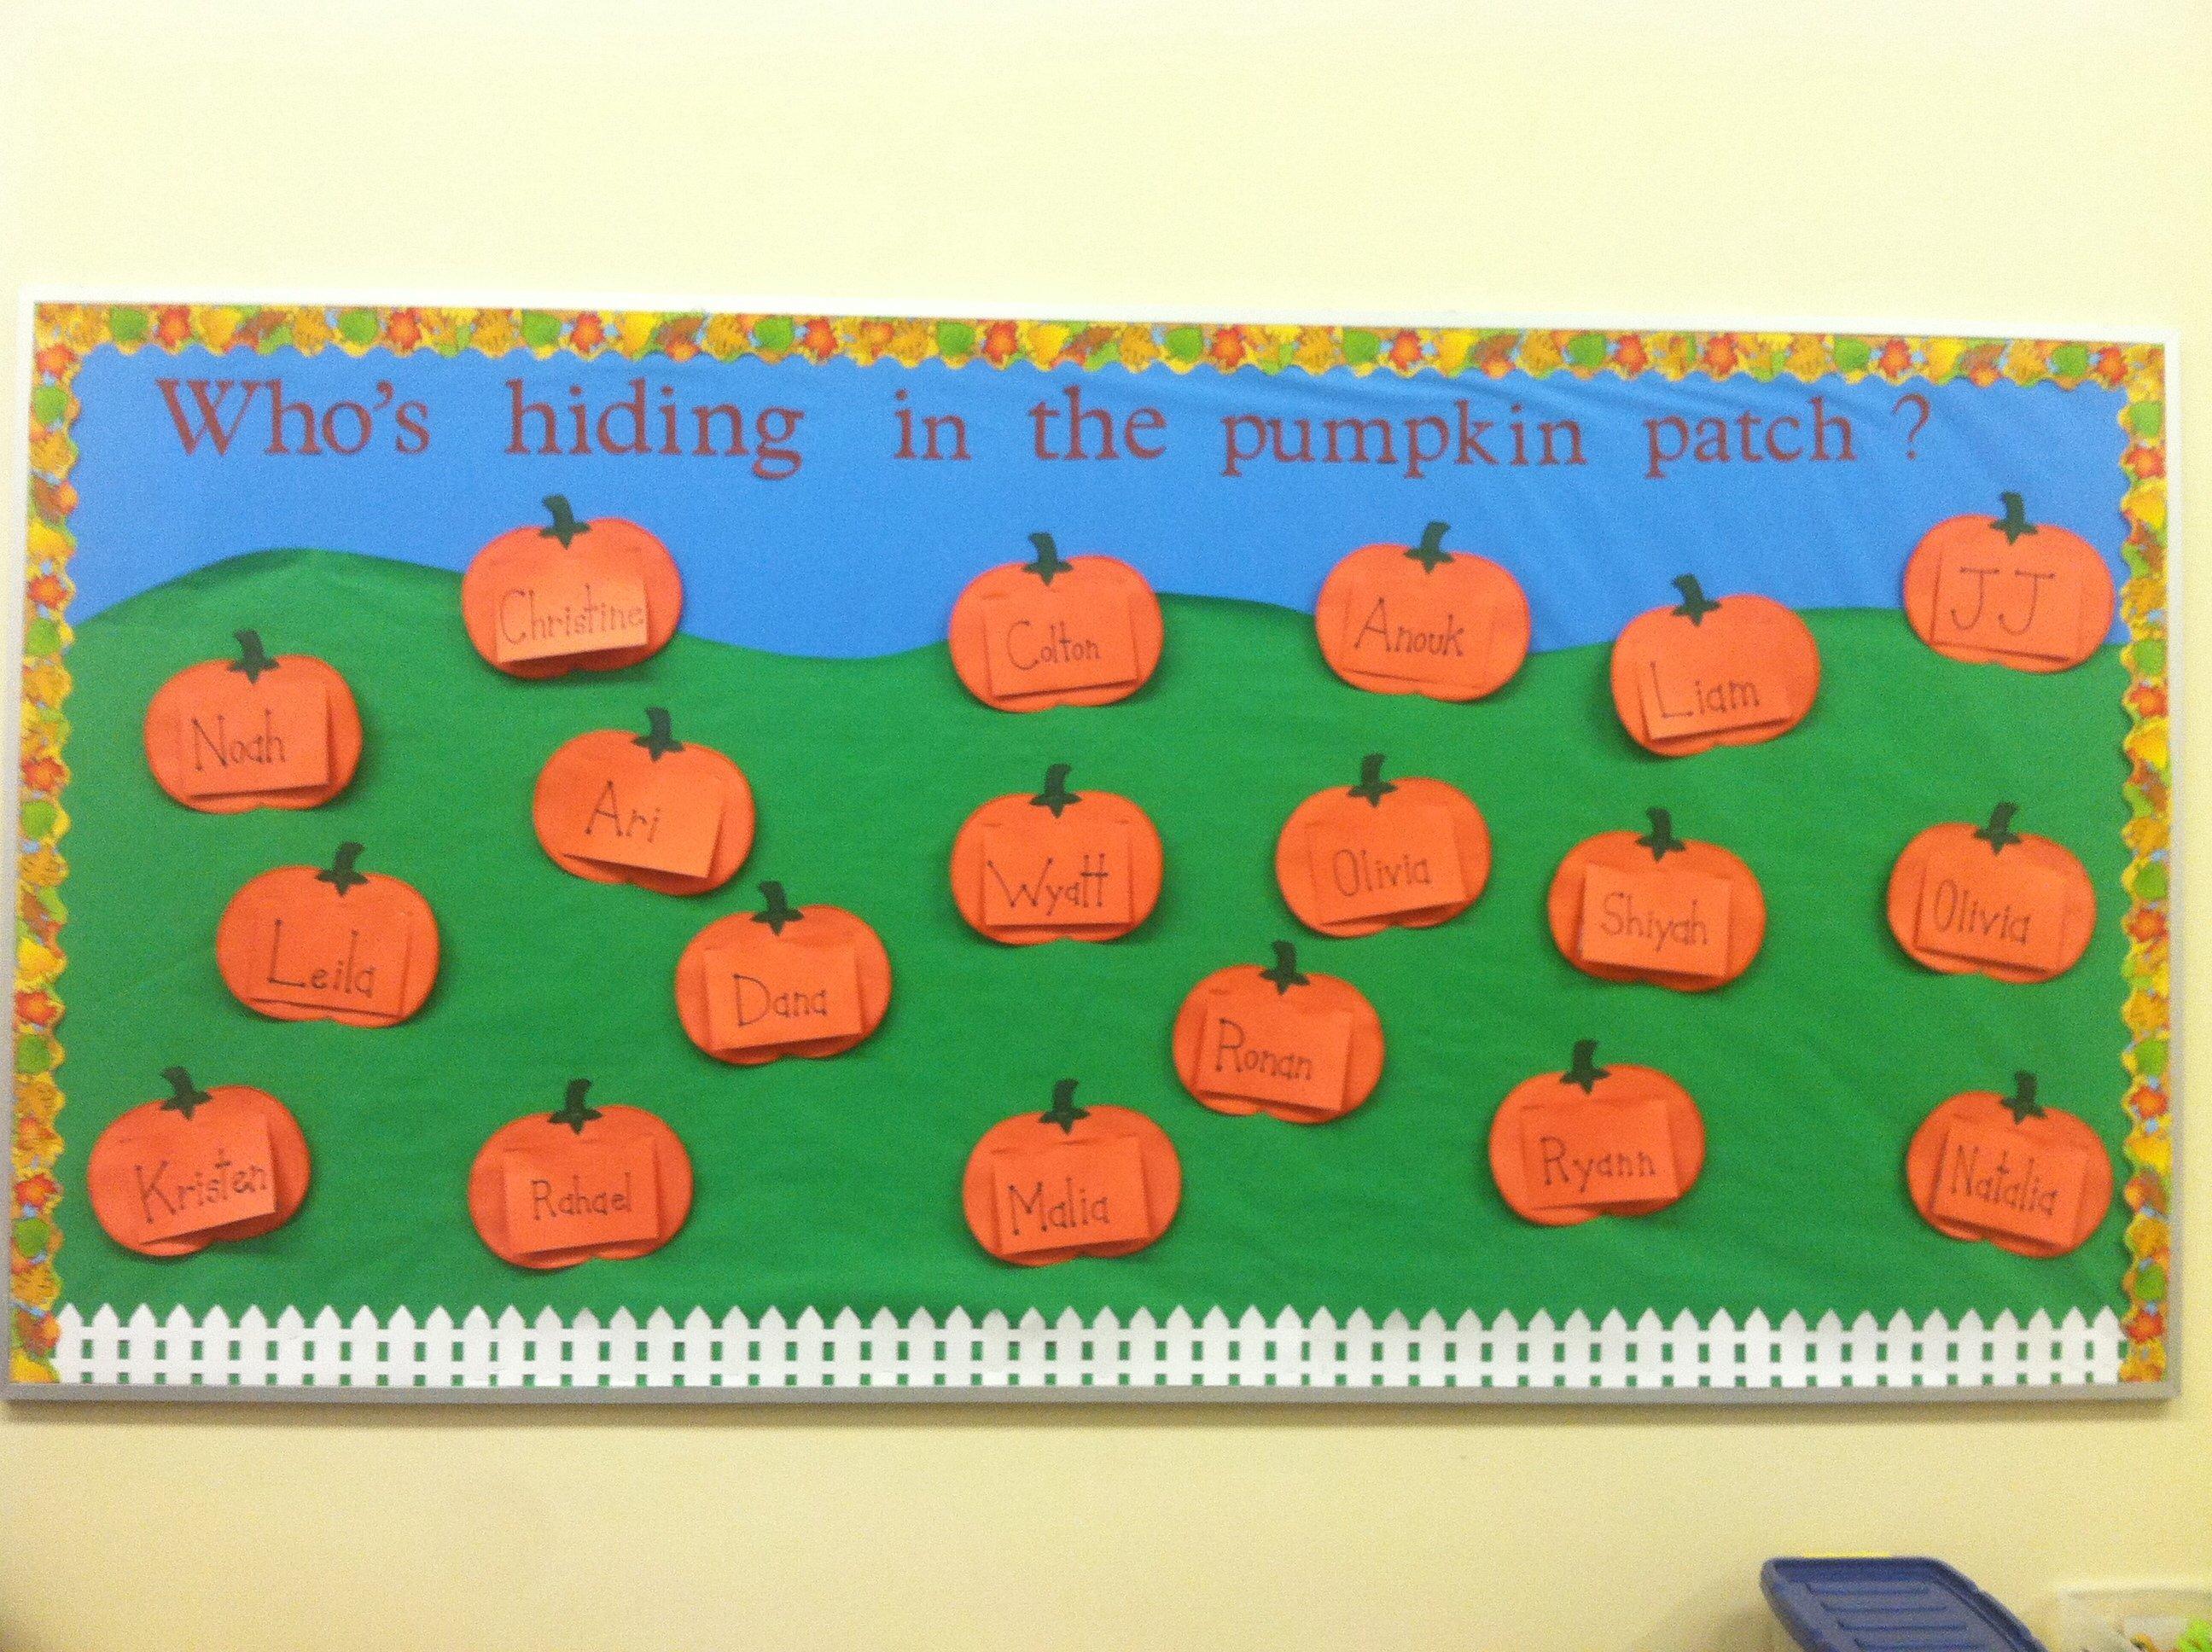 10 Great Pumpkin Patch Bulletin Board Ideas october bulletin board whos hiding in the pumpkin patch 2021